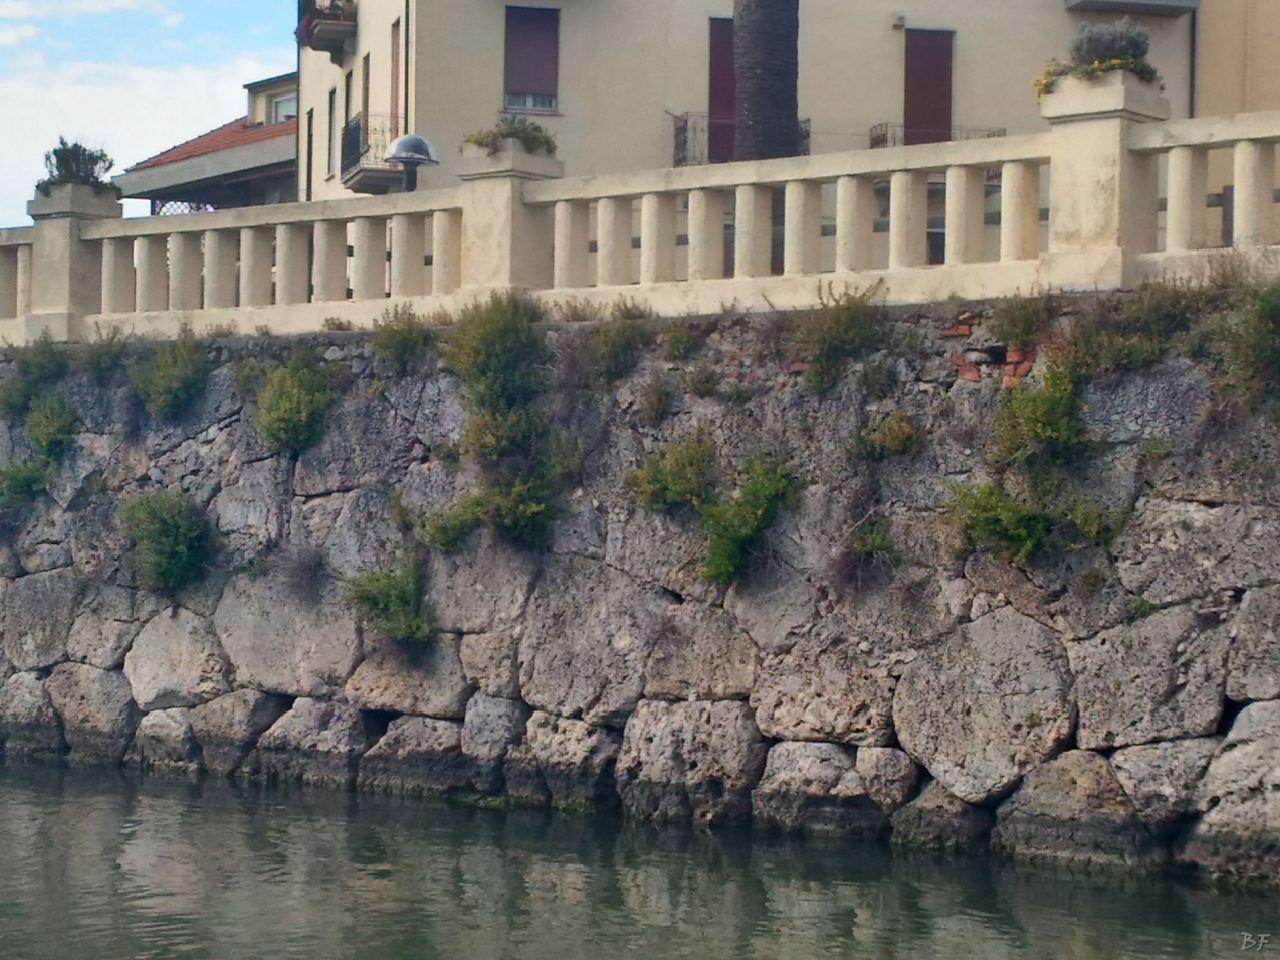 Orbetello-Mura-Poligonali-Megalitiche-Orbetello-Grosseto-Toscana-Italia-3